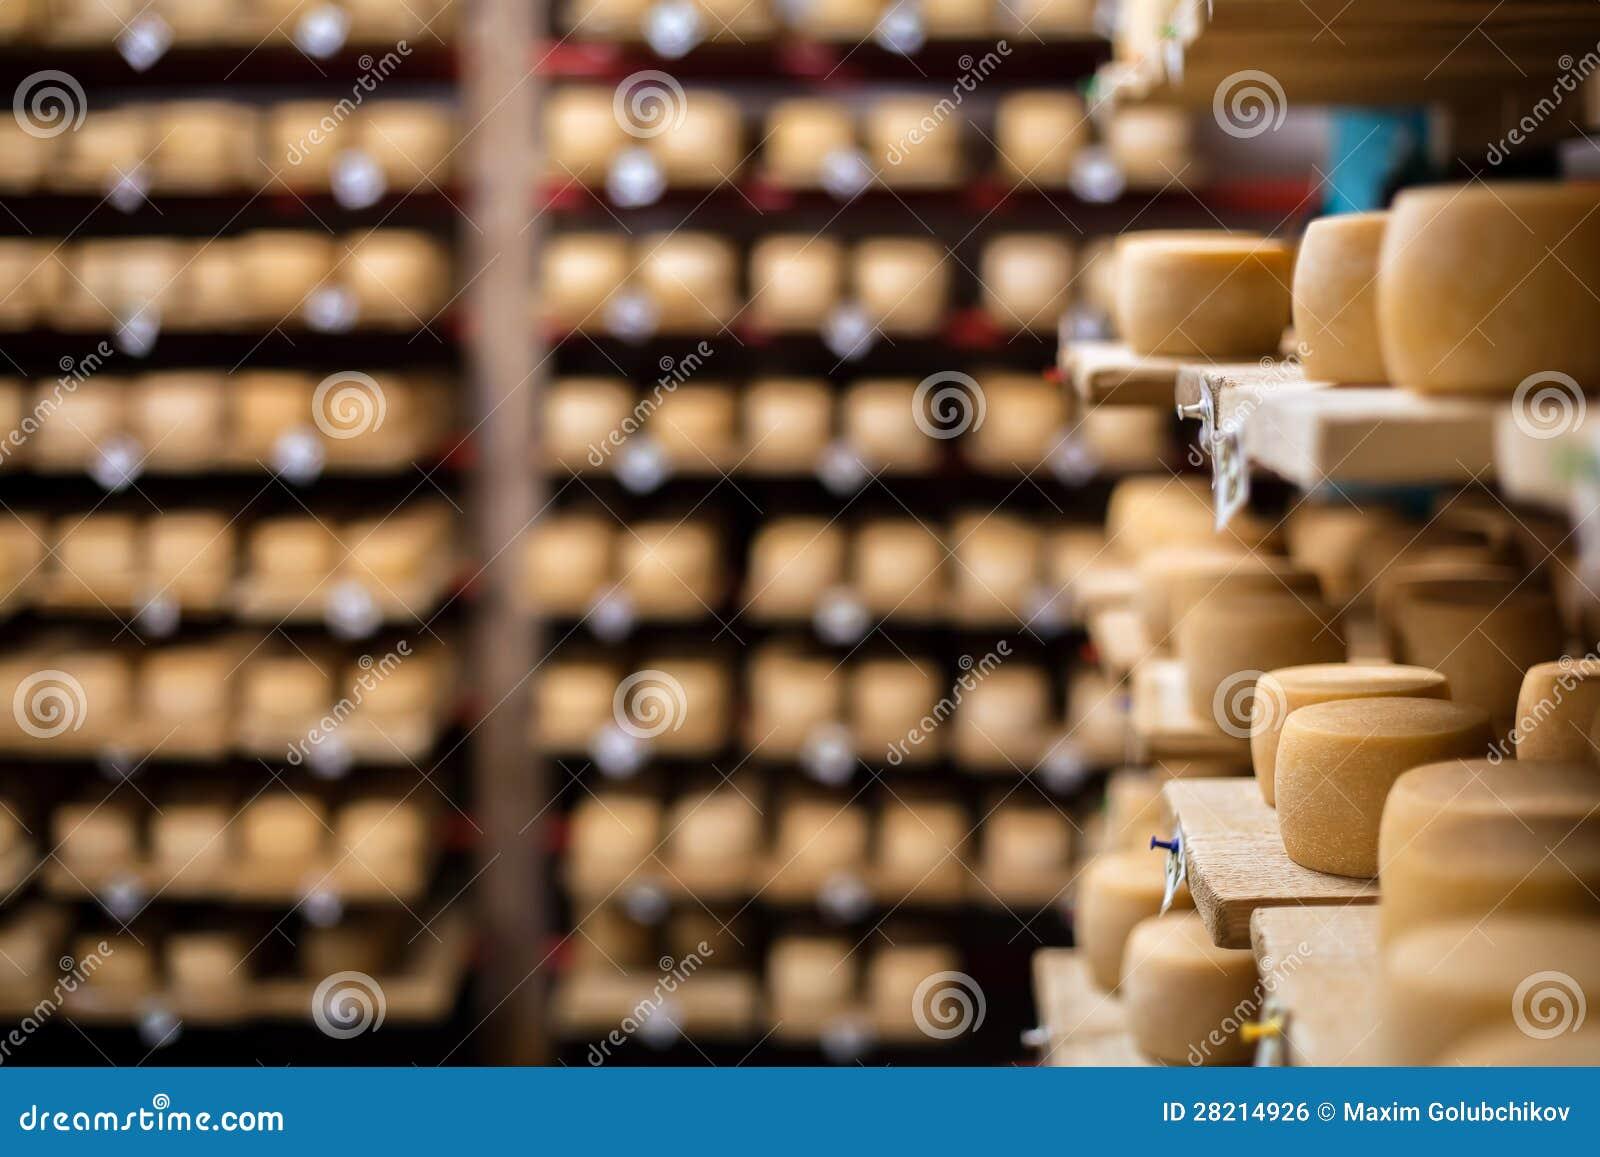 Ordeñe el queso en los estantes